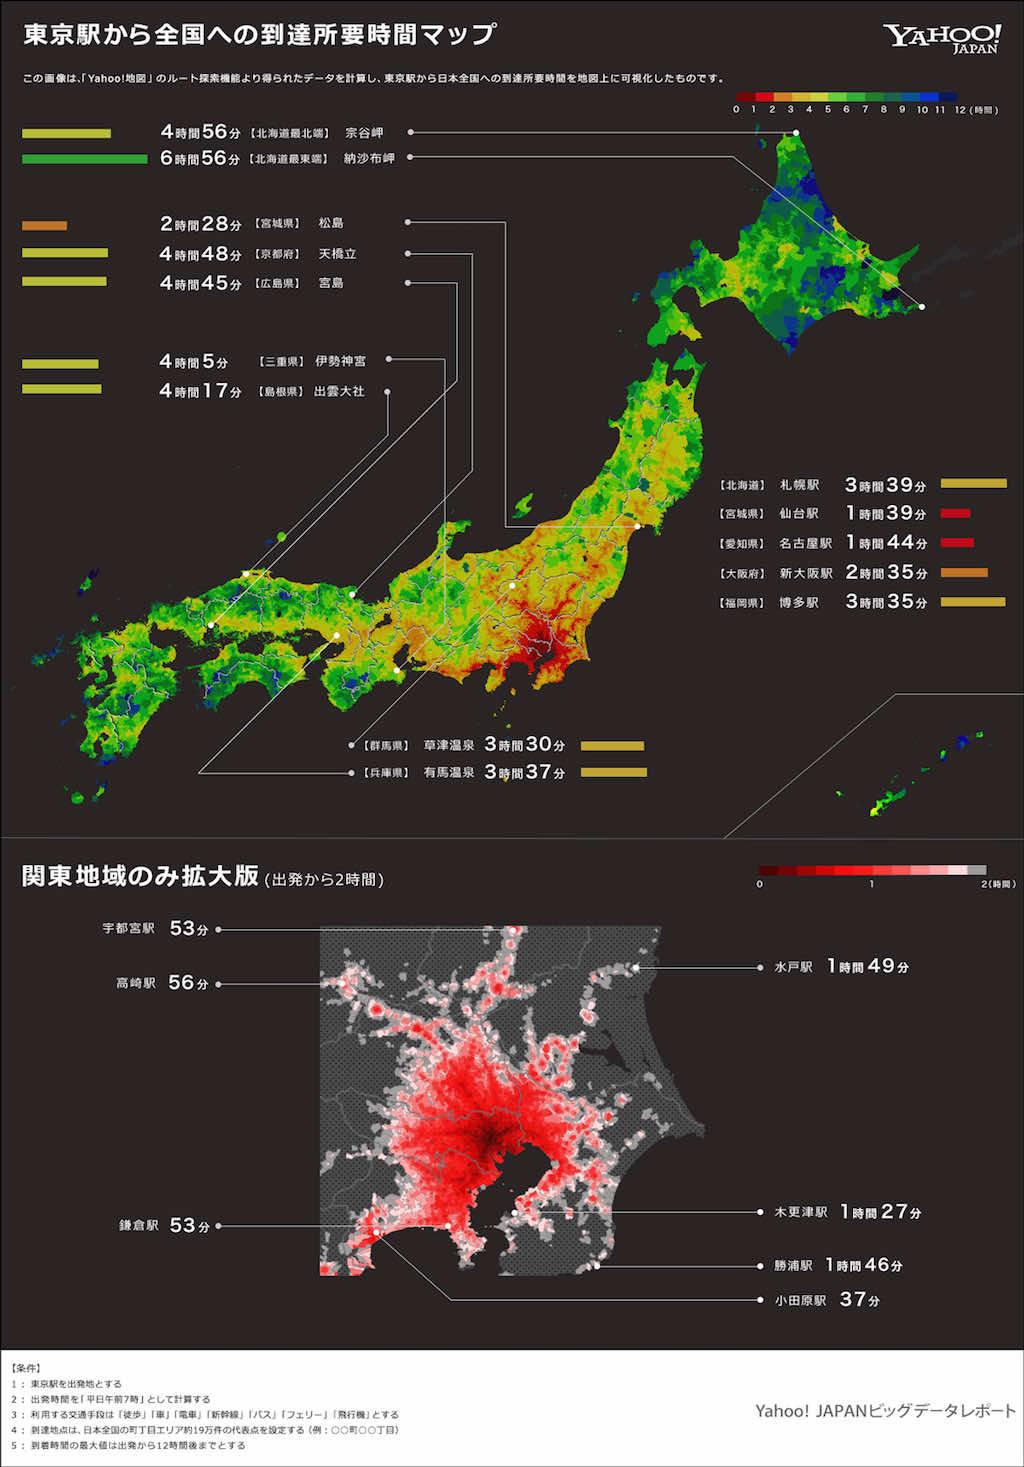 東京へのアクセス比較